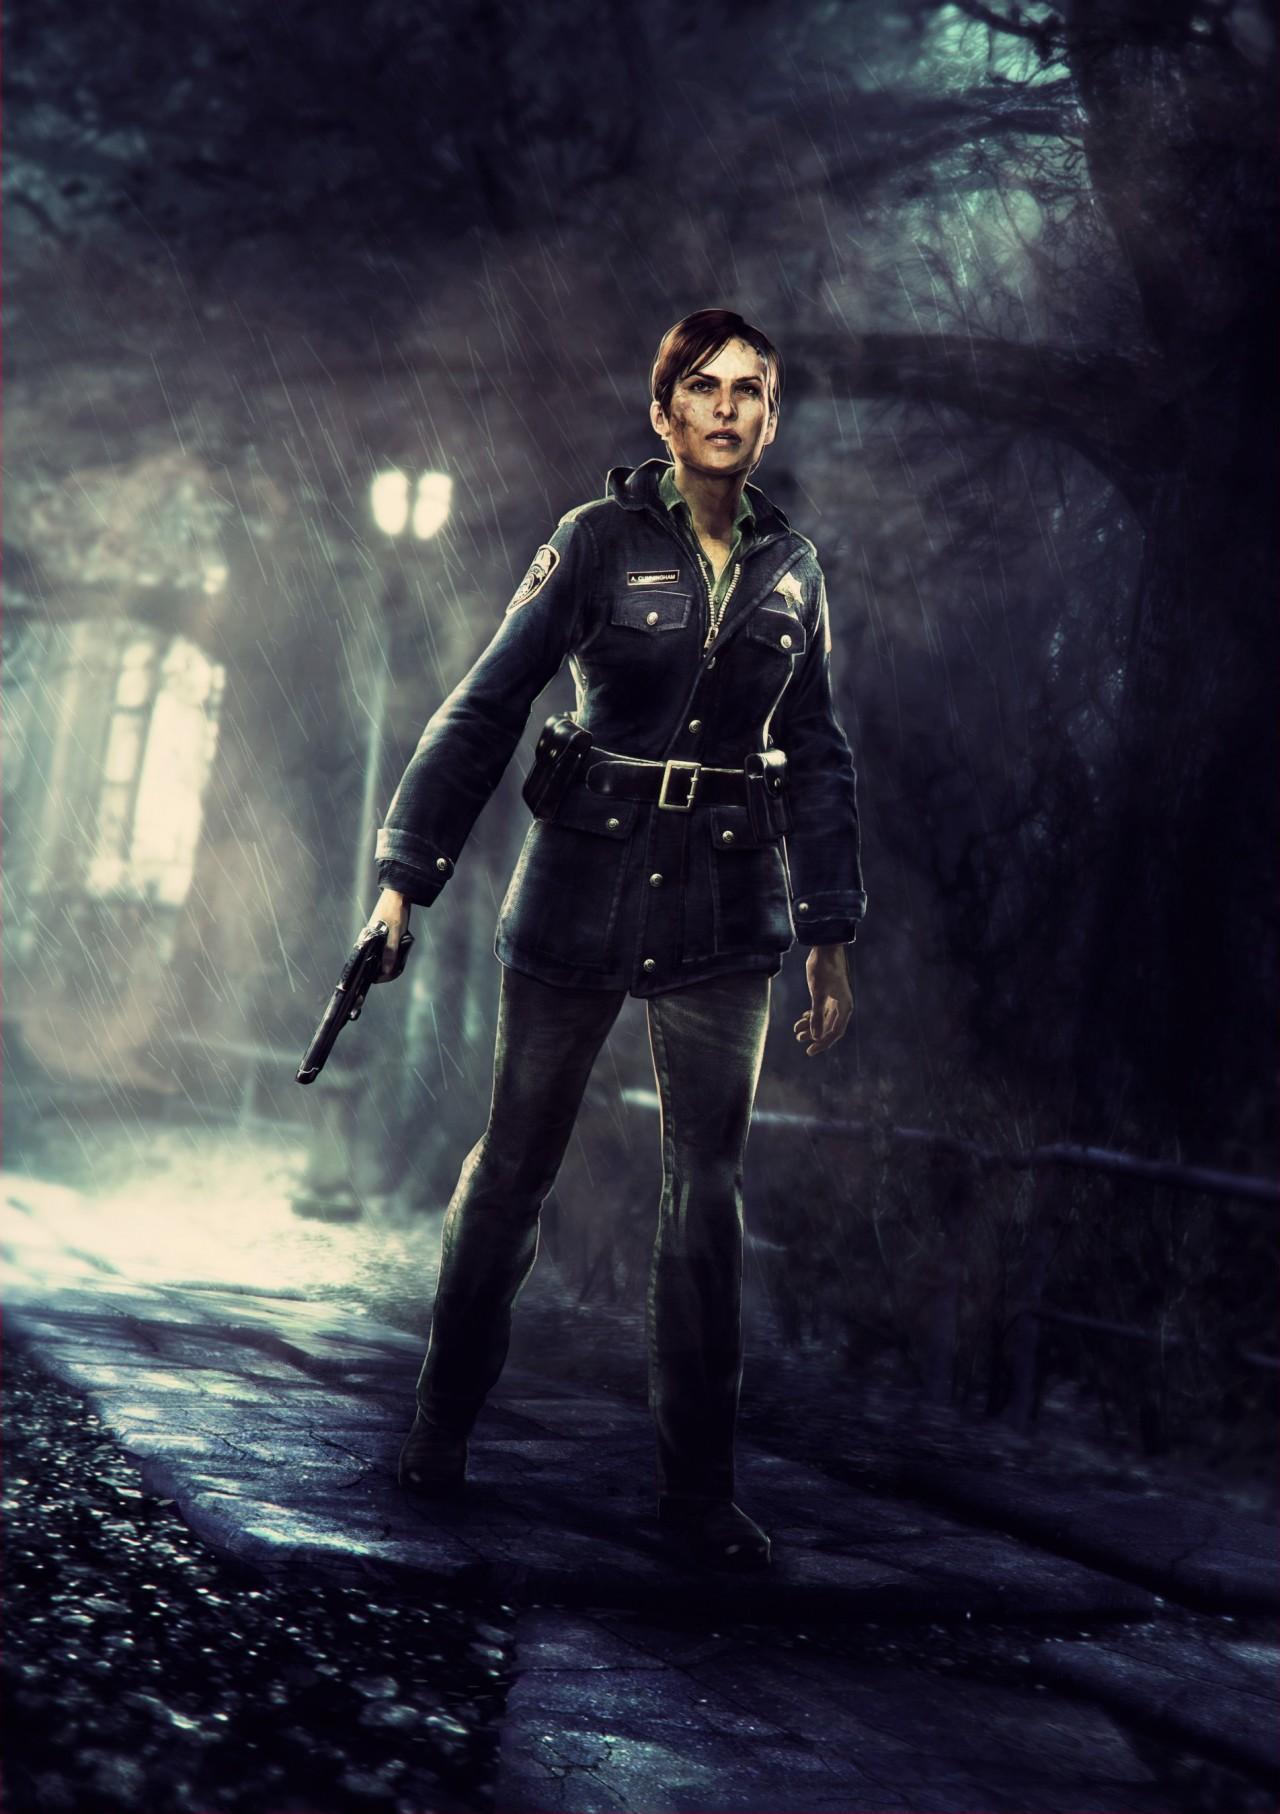 Toutes les images du jeu Silent Hill Downpour